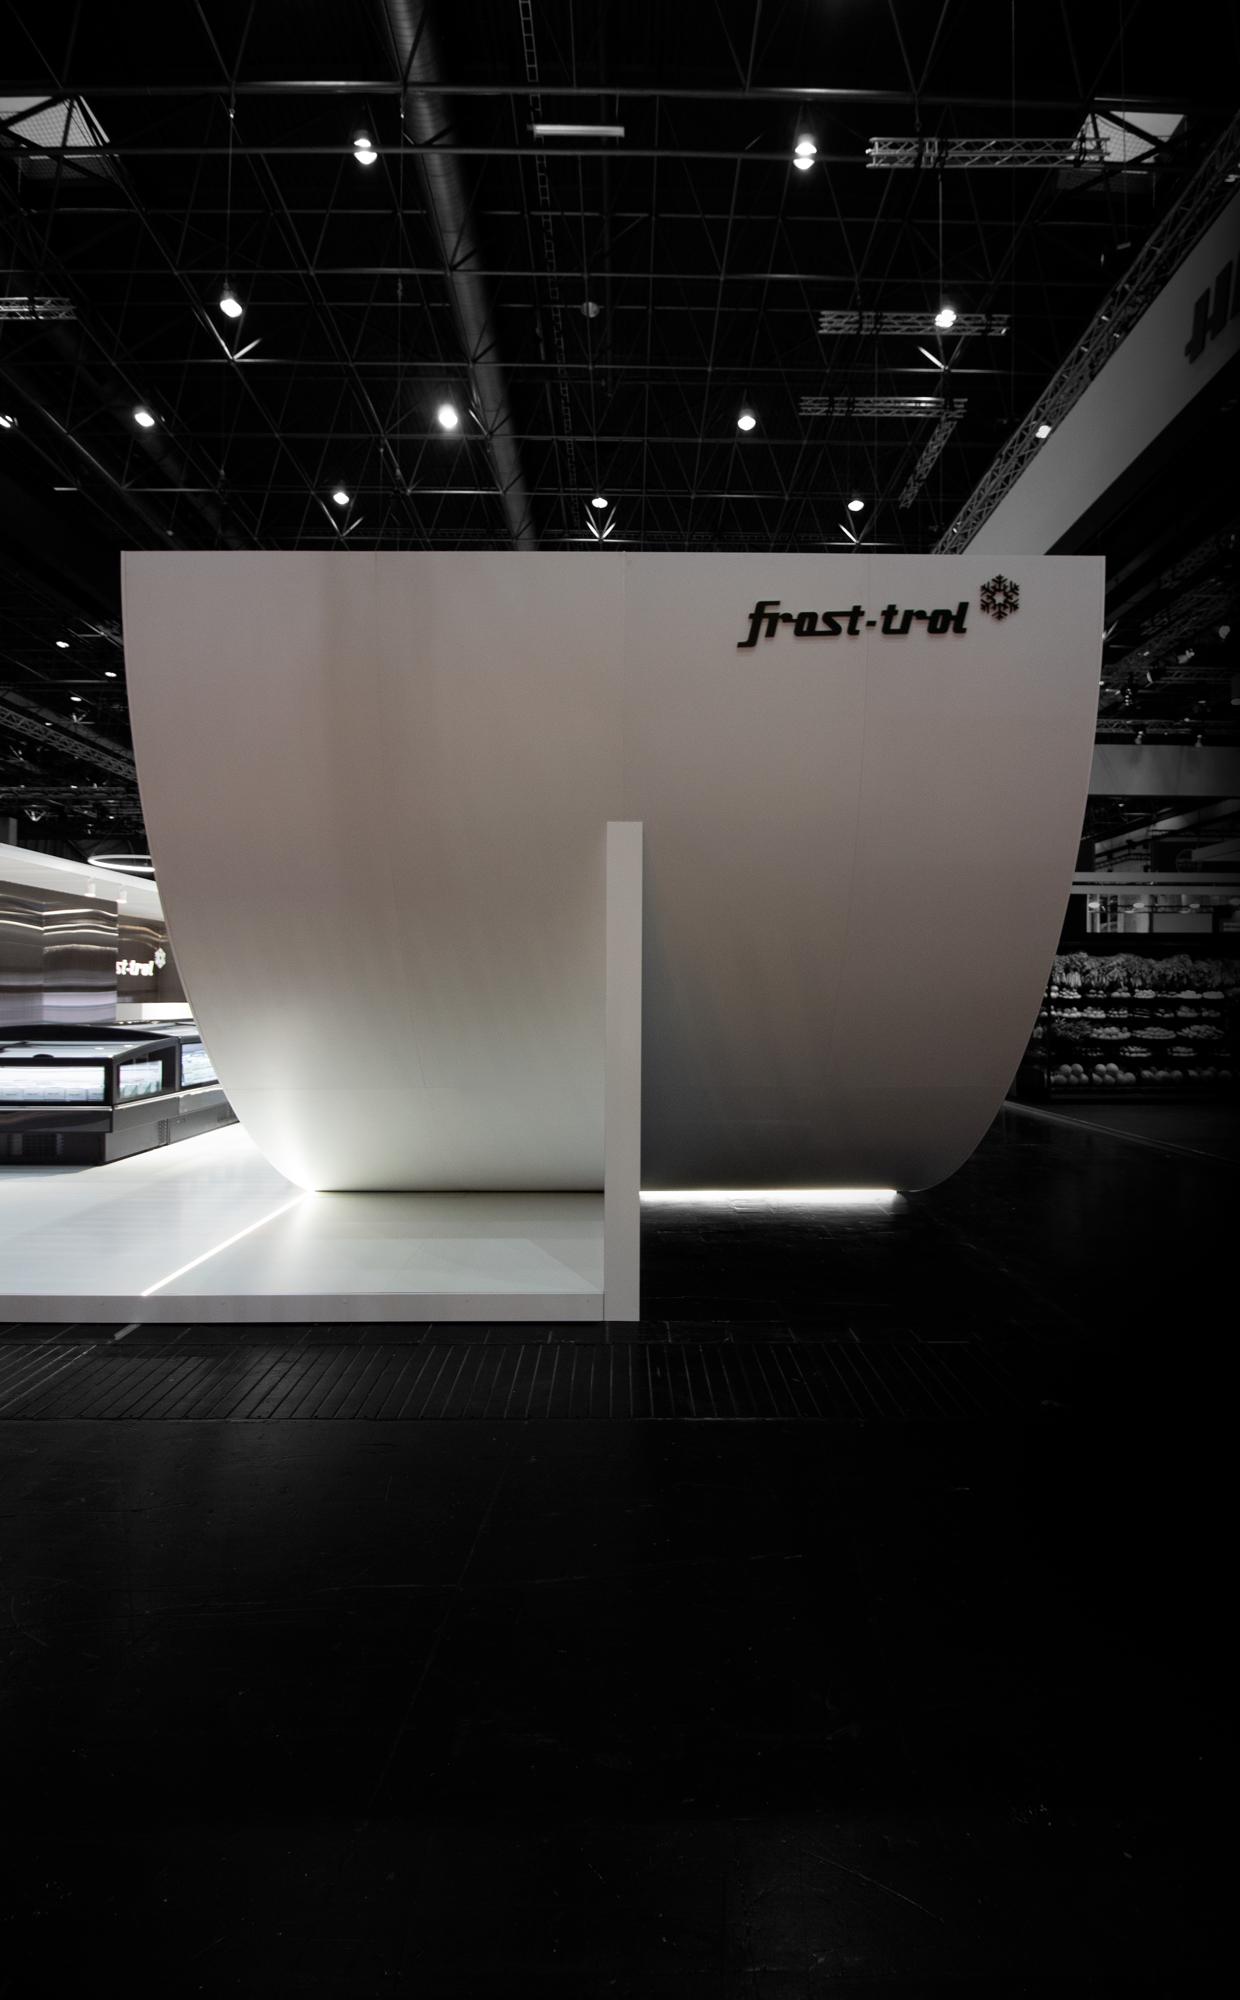 frost-trol euroshop 2020